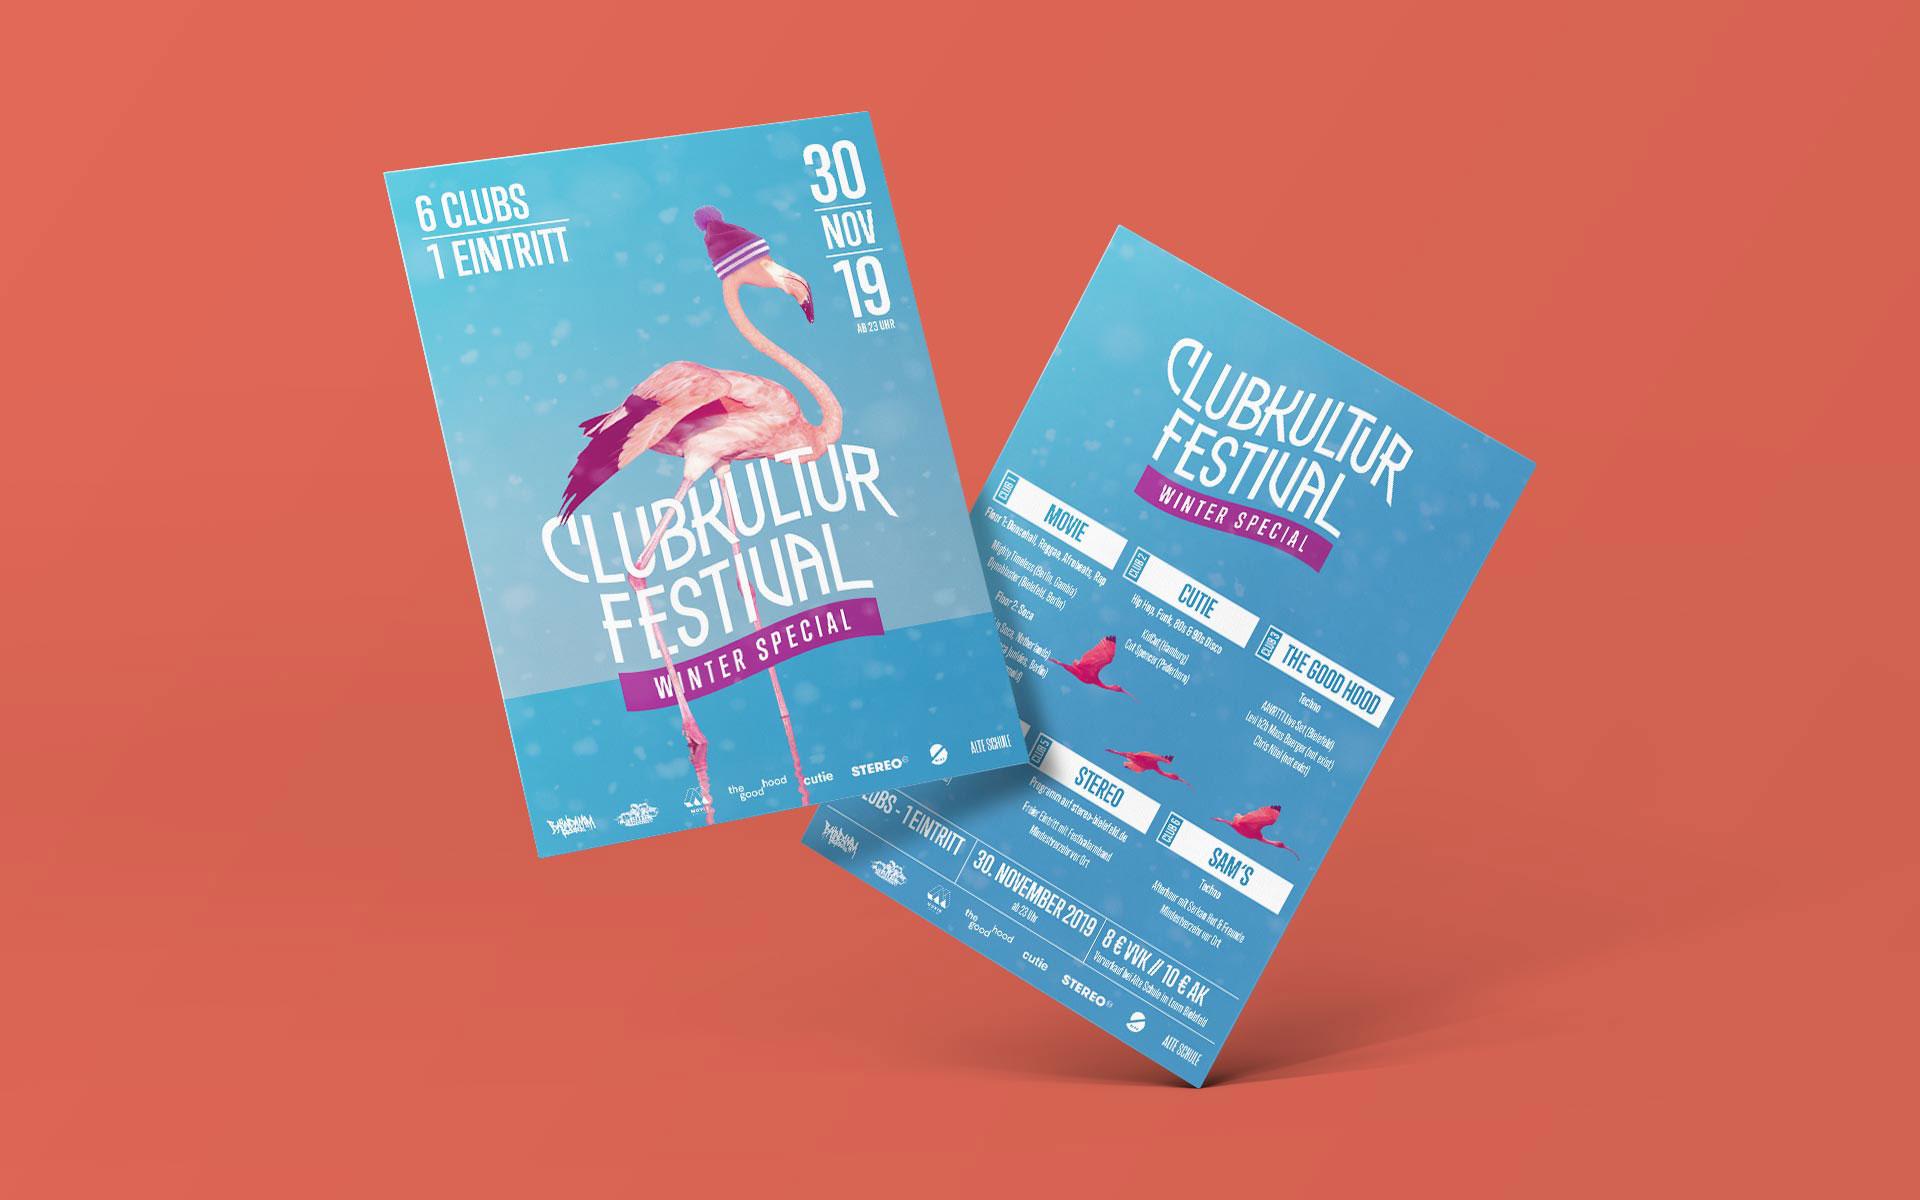 Flyer vom Clubkultur Festival, Vorder- und Rückseite